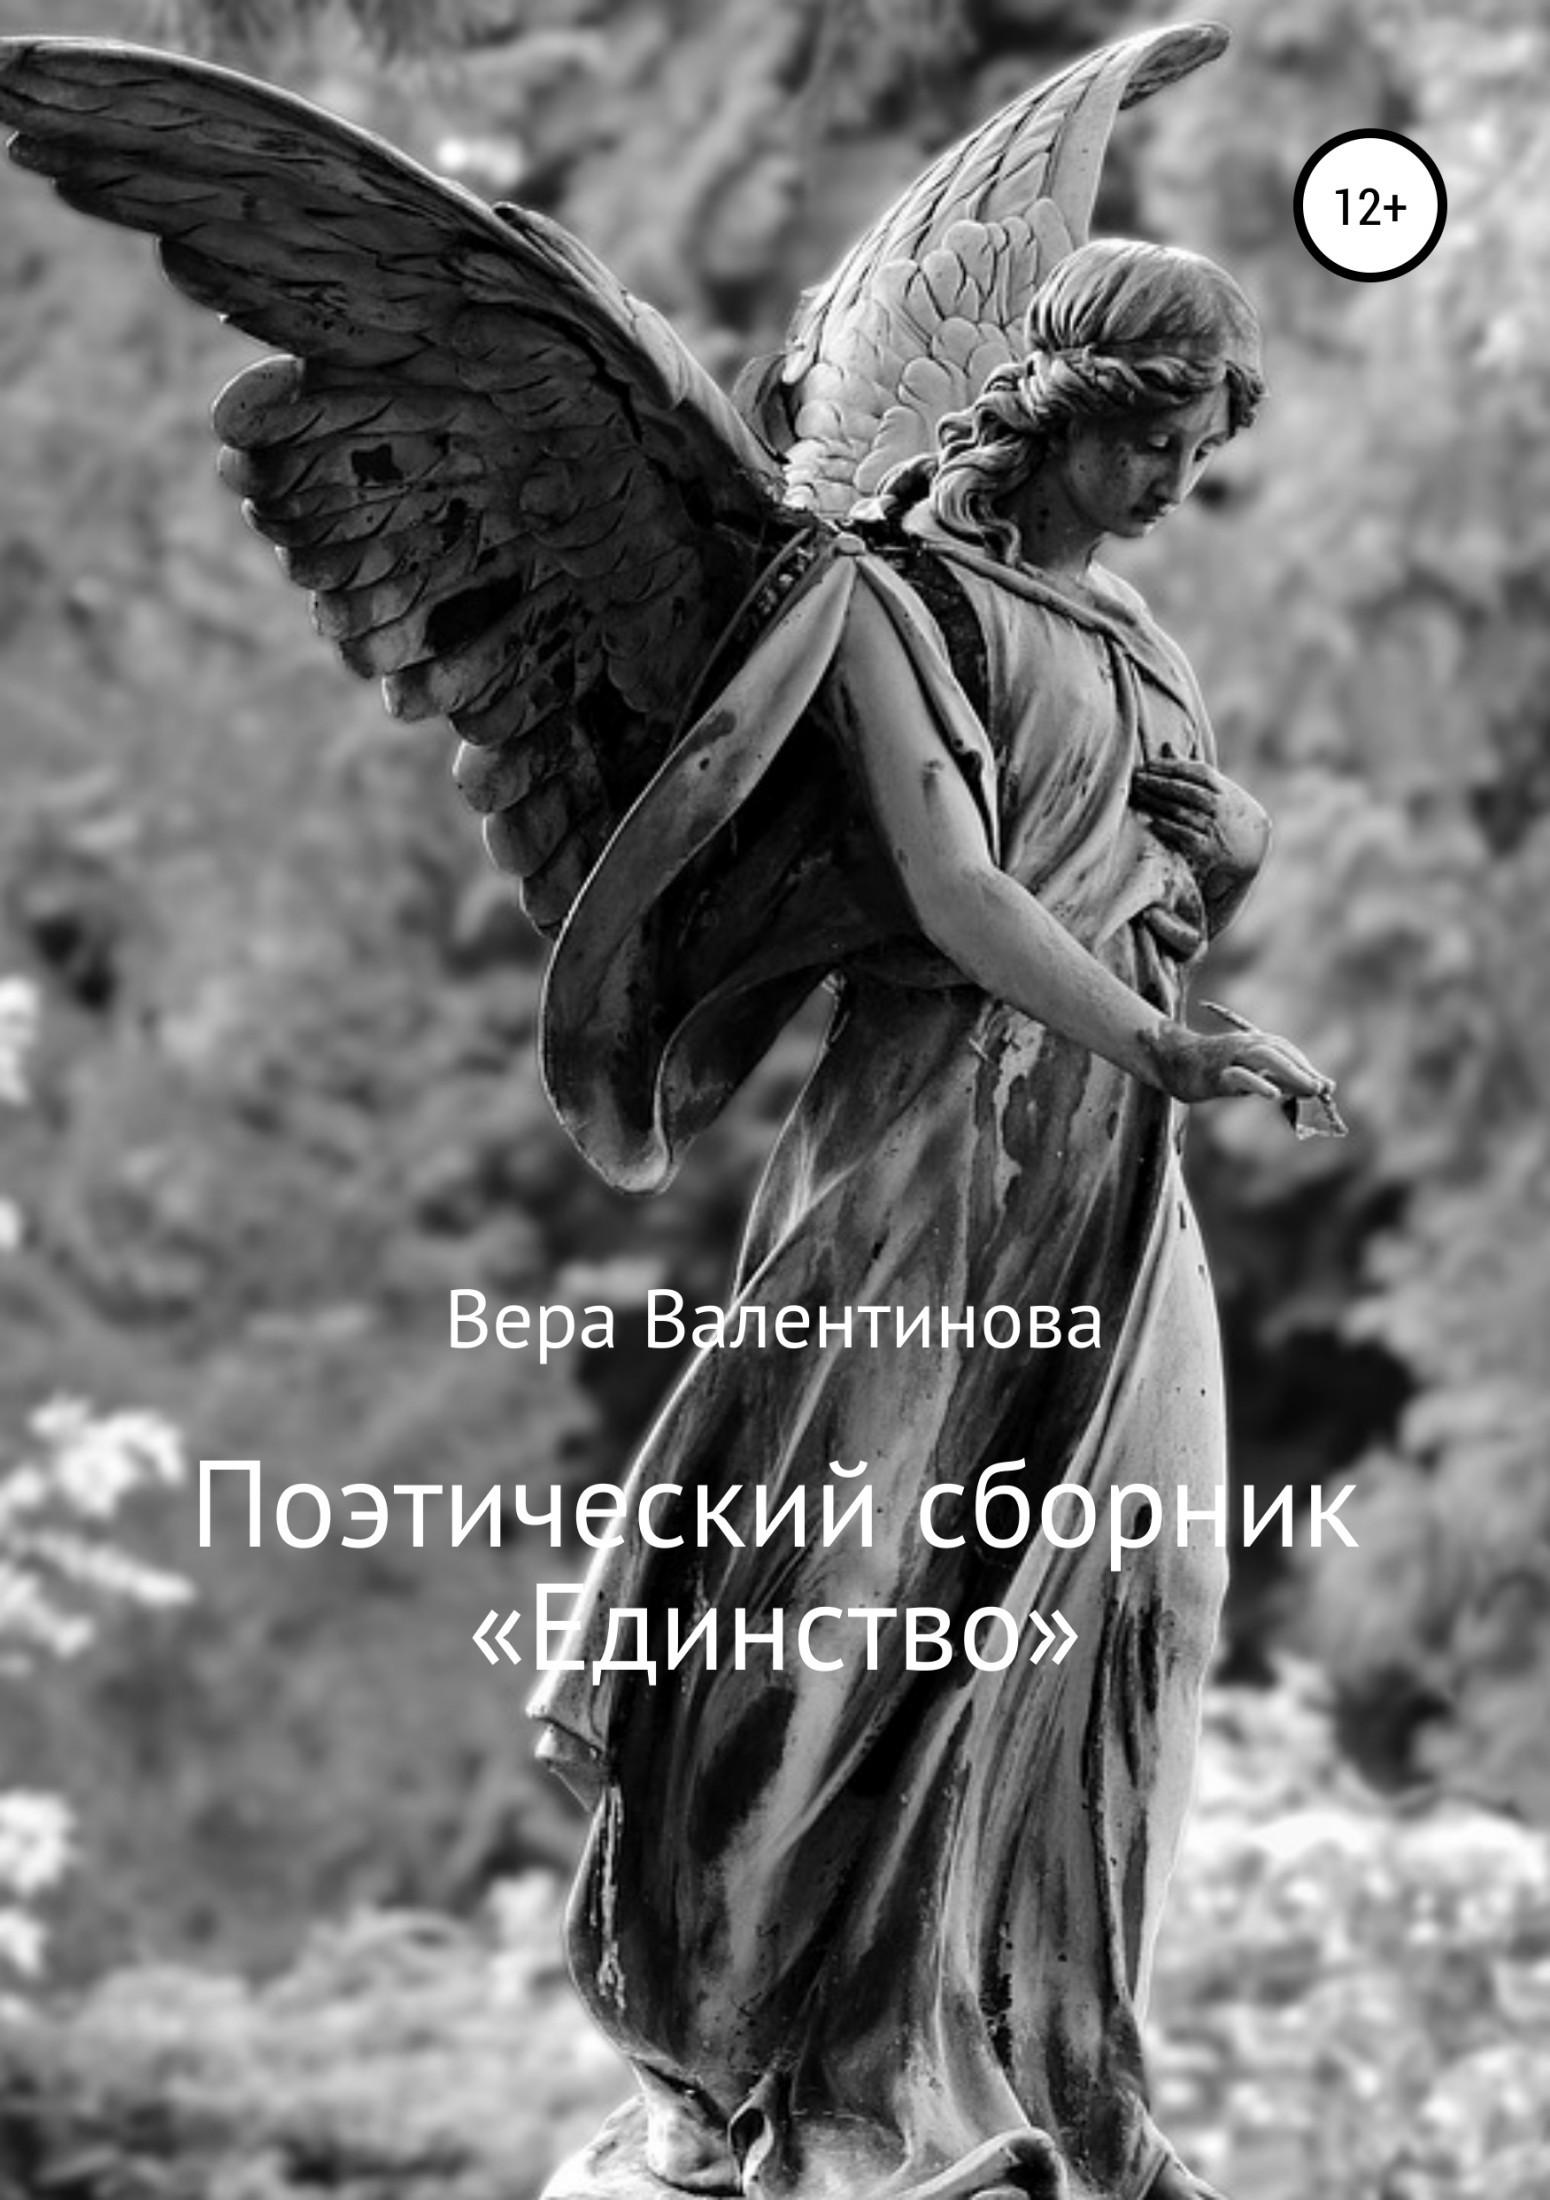 Вера Валентинова Поэтический сборник «Единство» 2015 2015 2014